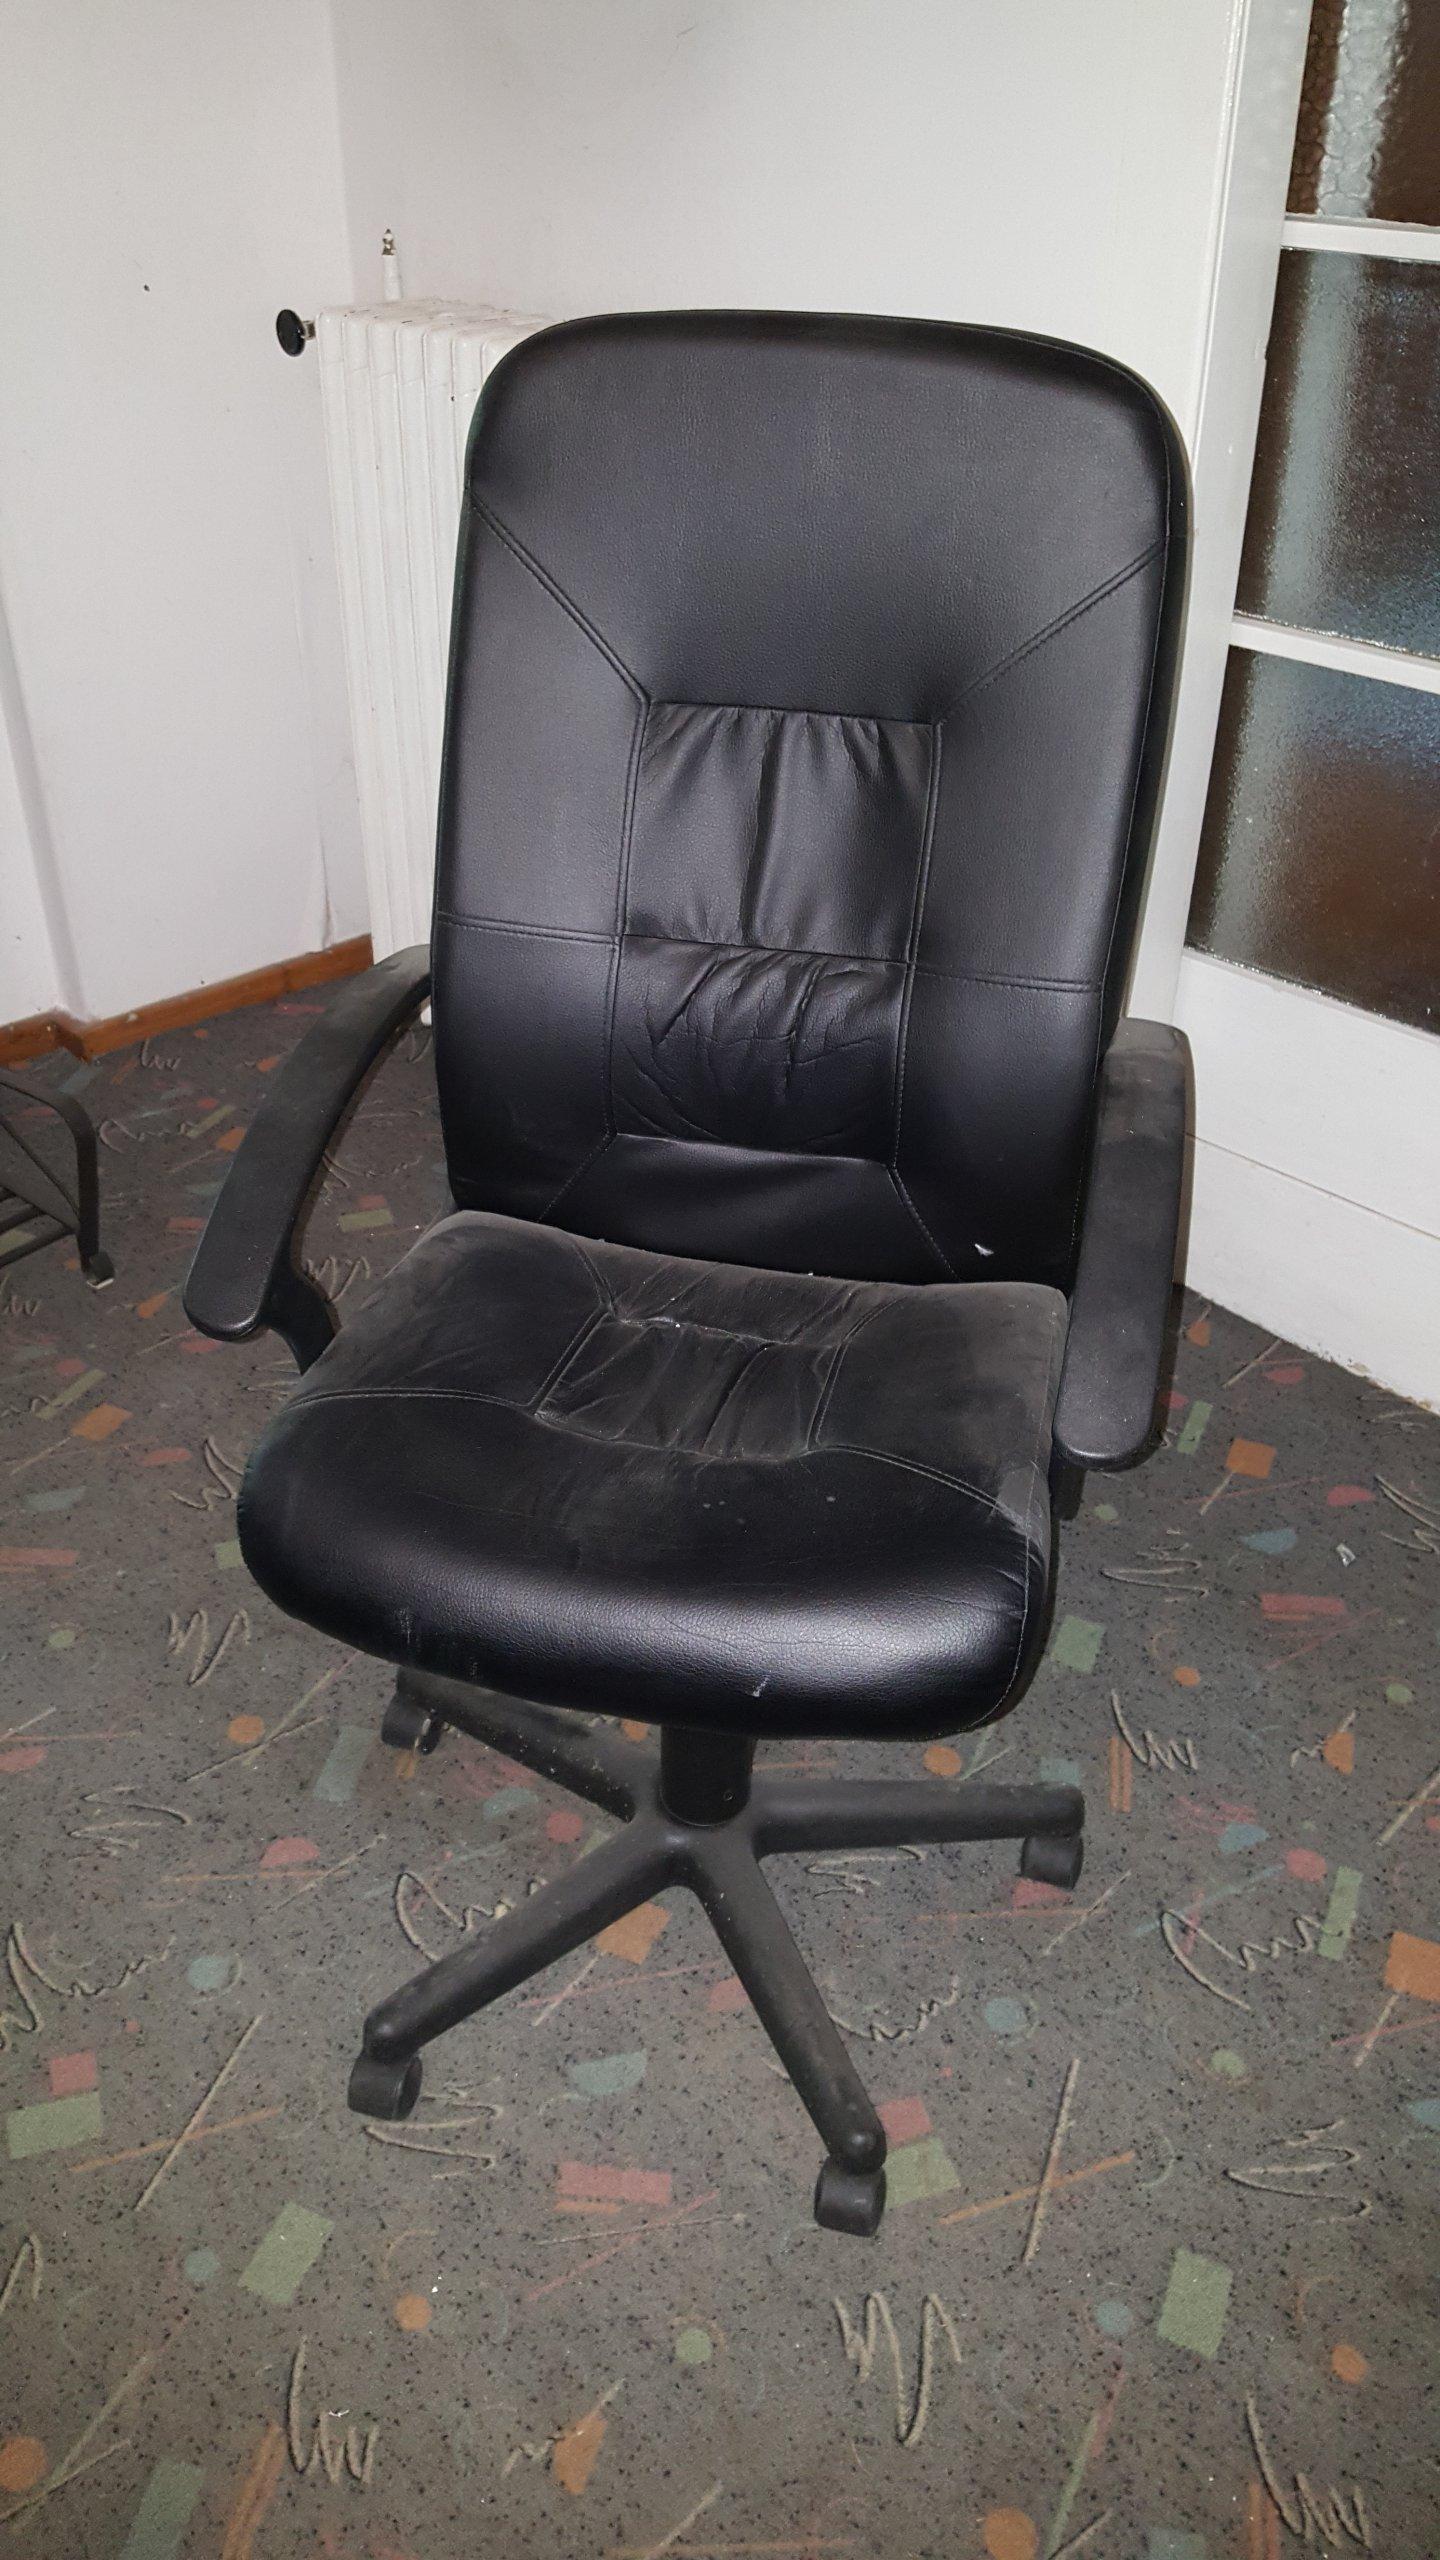 Fotel Biurowy Ikea Vernet Duży Przechył Skóra 7080880347